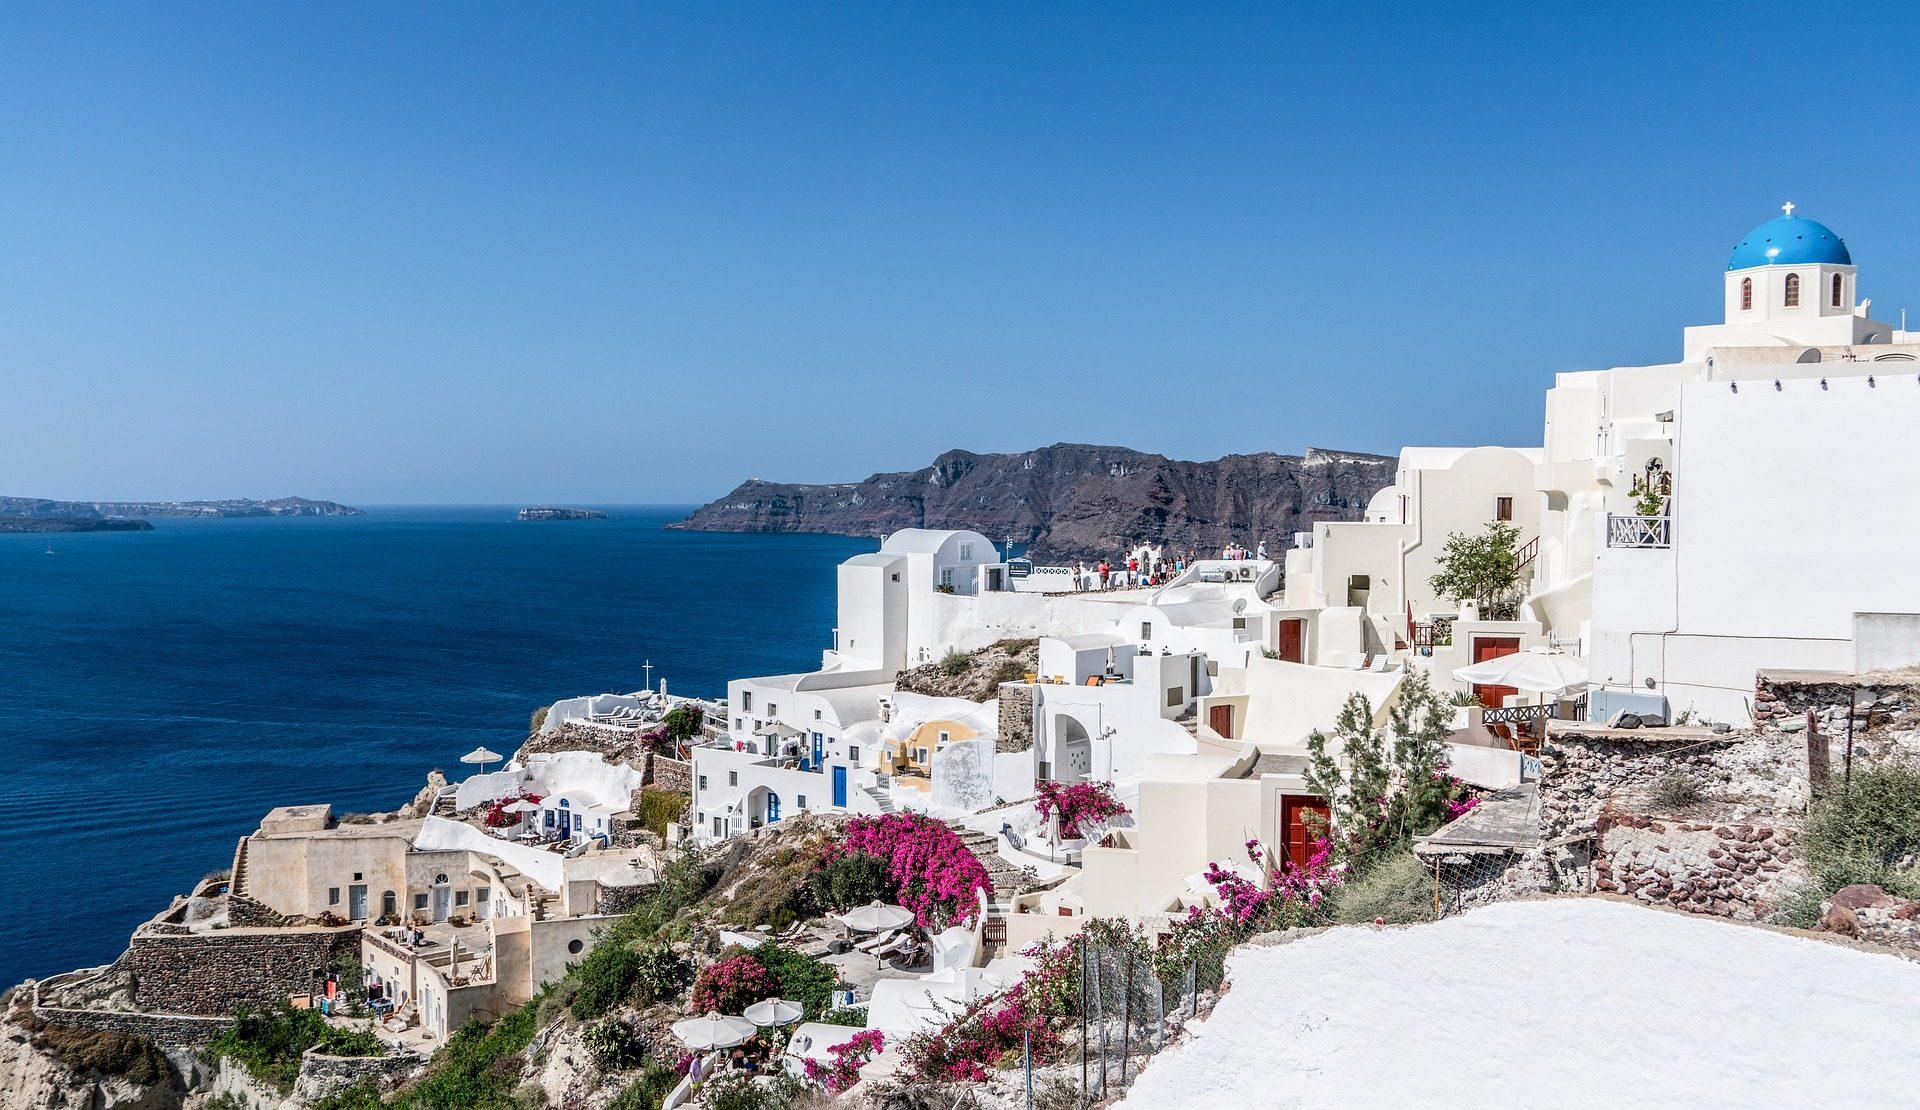 Homestyler Twitter Casas En Grecia How Casas Blancas Con Azul De Guarnicin